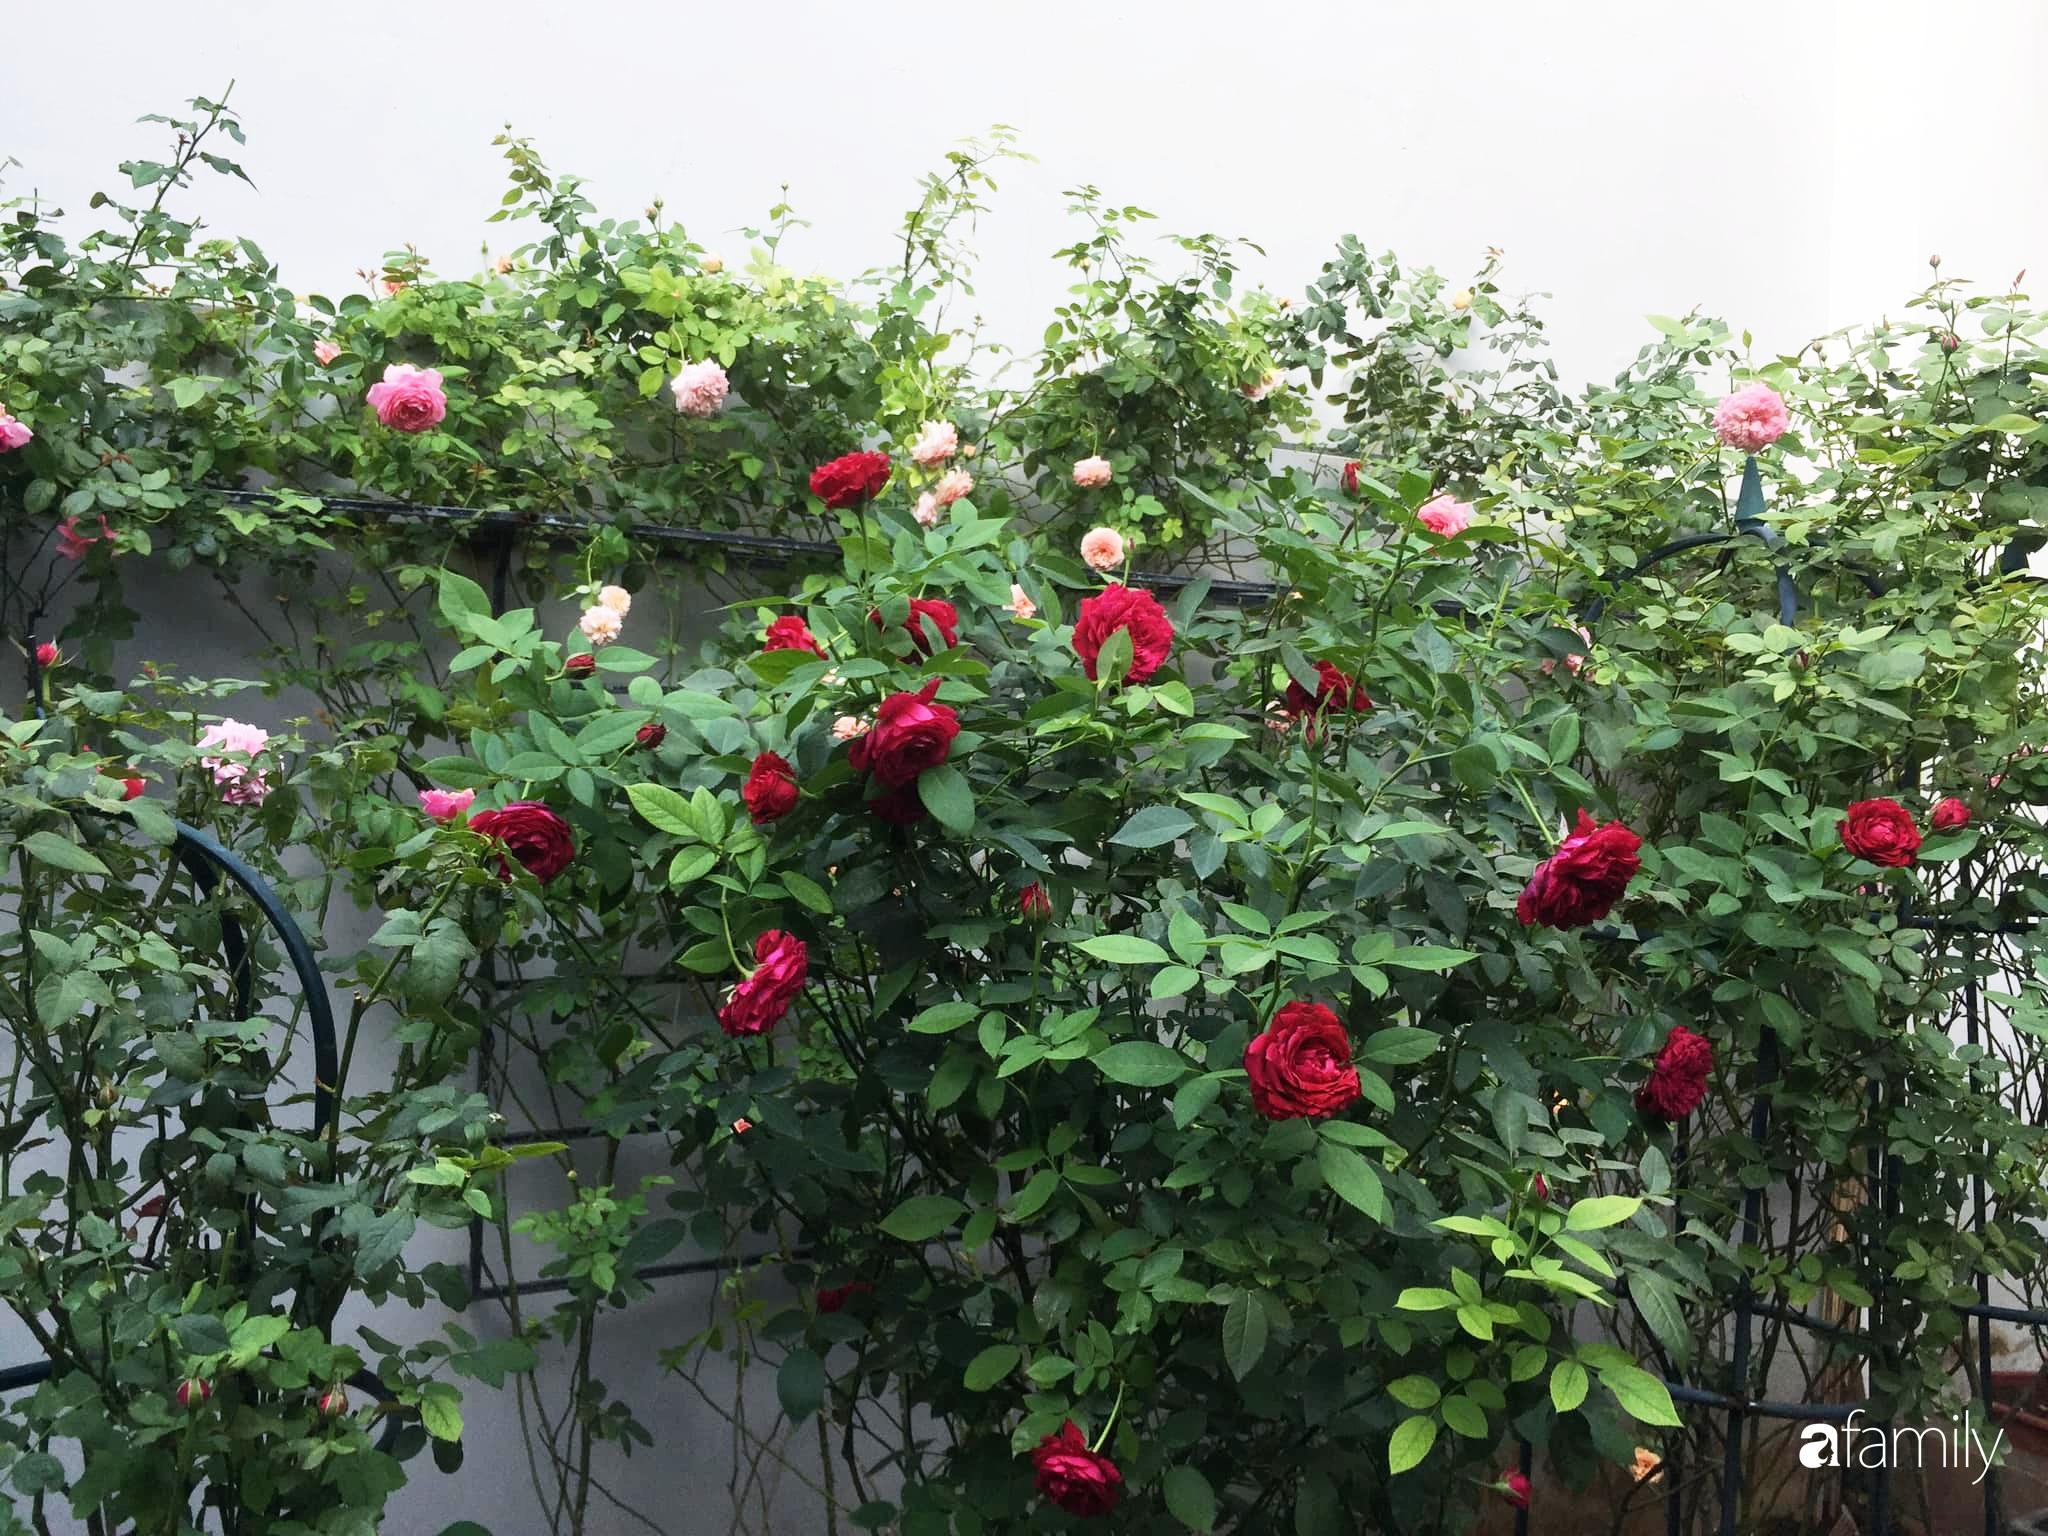 Lối nhỏ vào nhà níu chân bởi những gốc hồng xanh mướt lá rực rỡ sắc hoa ở Sài Gòn - Ảnh 11.